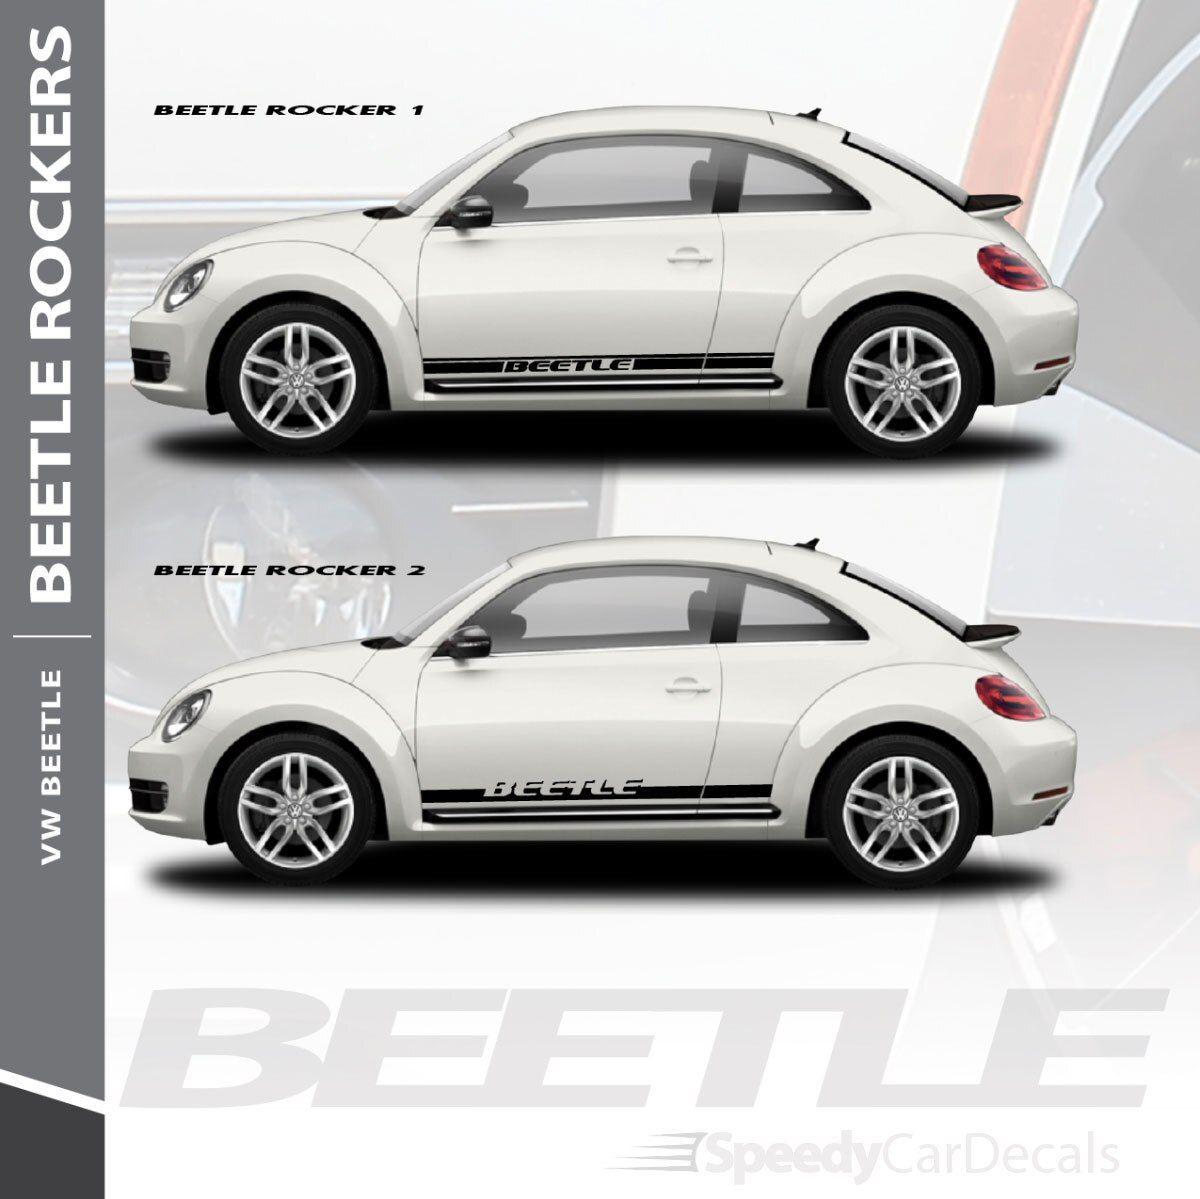 Vw Beetle Decals Rocker 1 2 3m 2012 2014 2015 2016 2017 2018 Premium Install Automotive Carvinylgraphics Vinyl Graphics Volkswagen Beetle Vinyl For Cars [ 1199 x 1200 Pixel ]